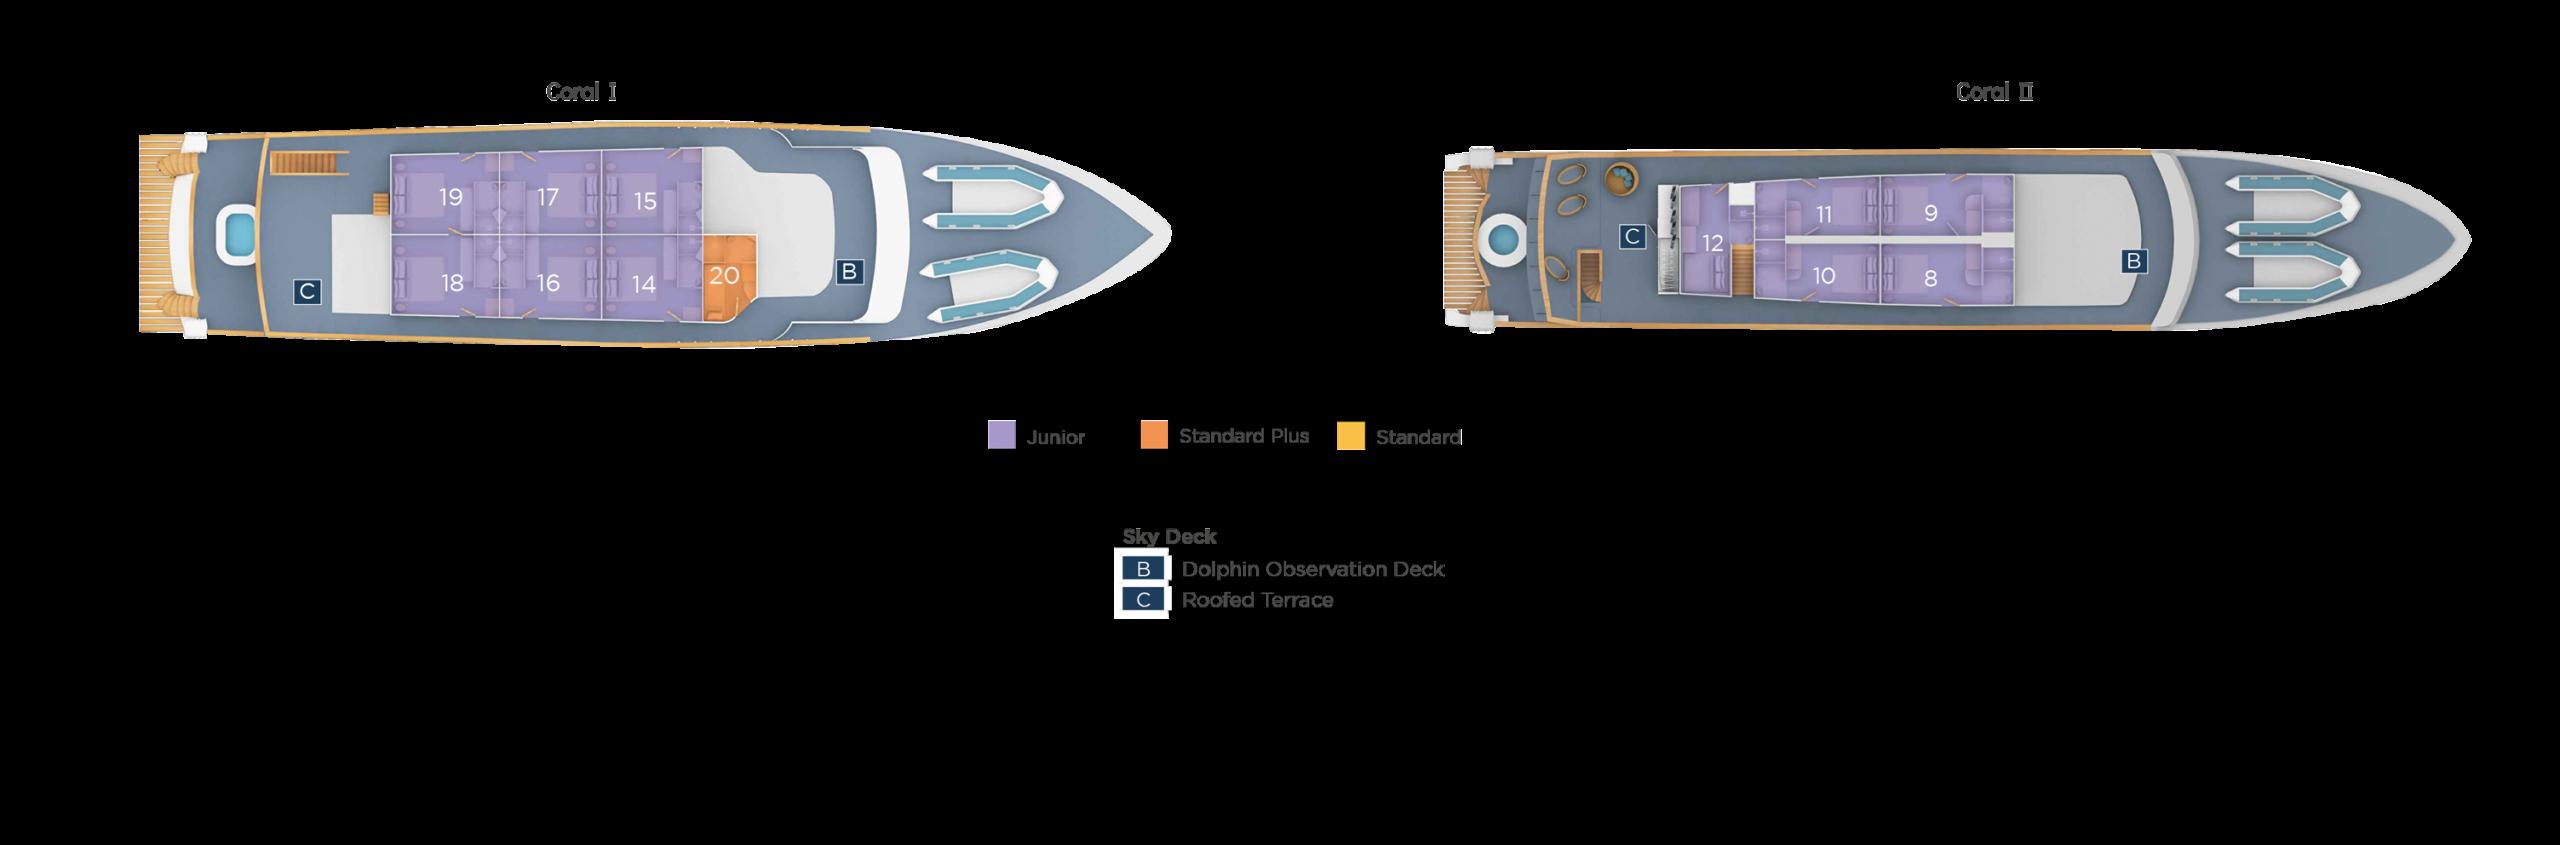 Coral I  - Sky Deck